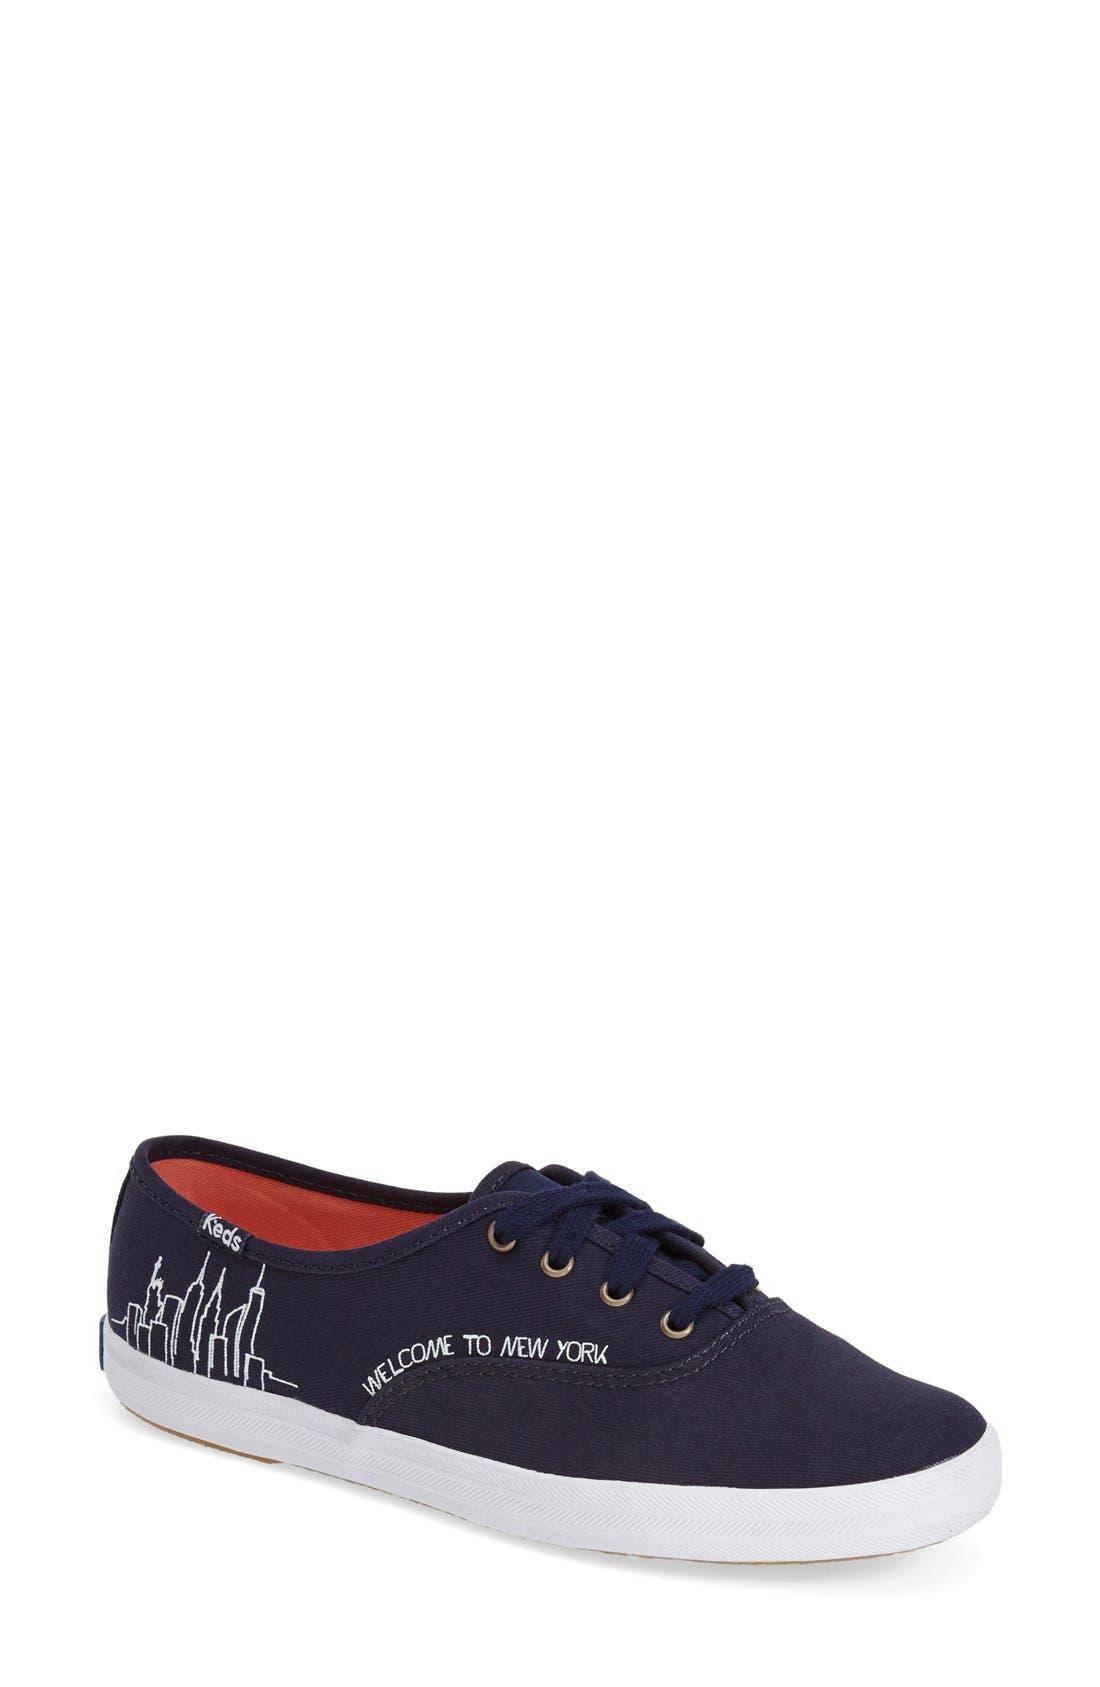 KEDS<SUP>®</SUP>, Taylor Swift 'Champion - NYC' Sneaker, Main thumbnail 1, color, 400